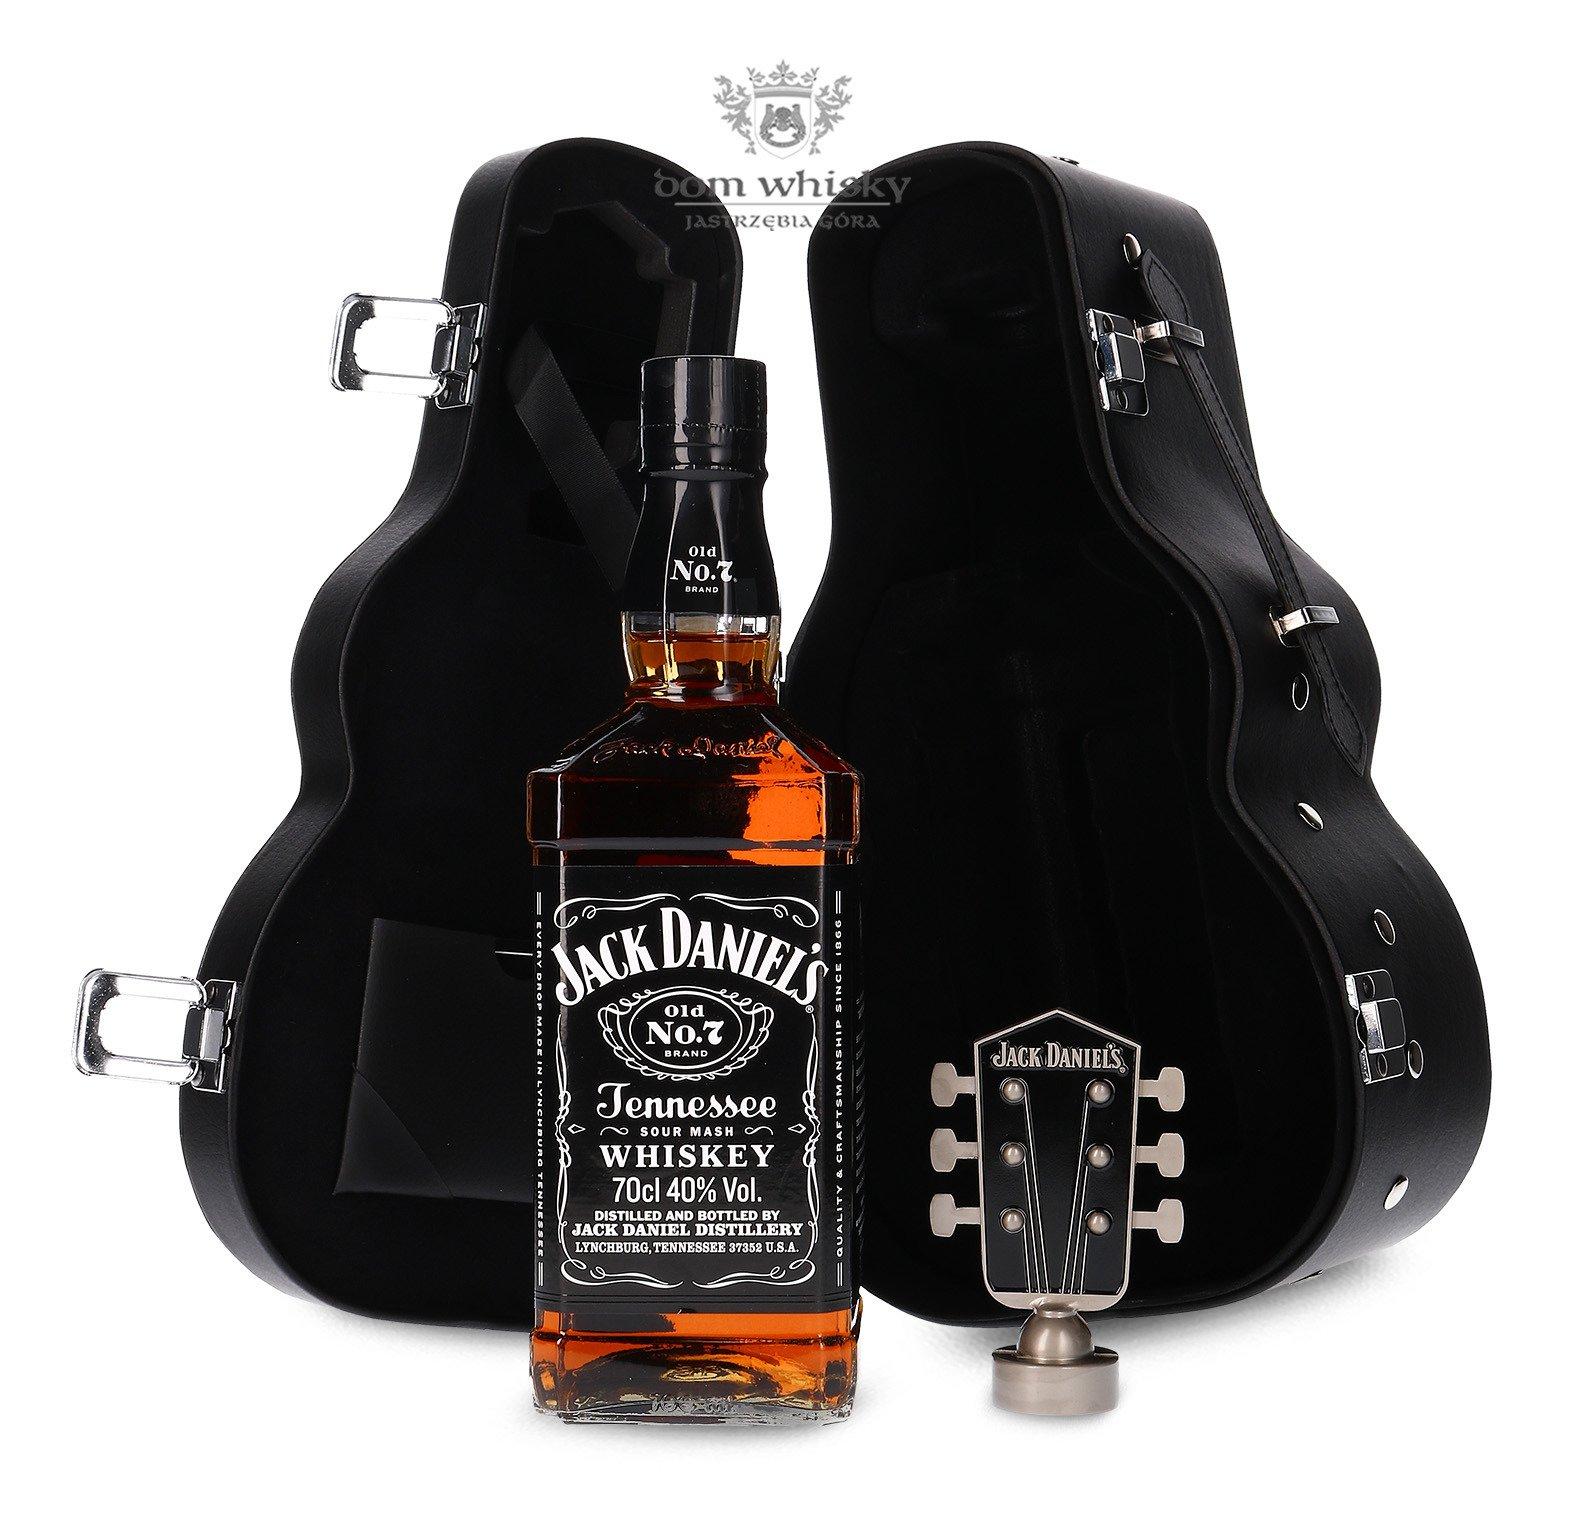 Jack Daniels Gitara Guitar Pack 40 07l